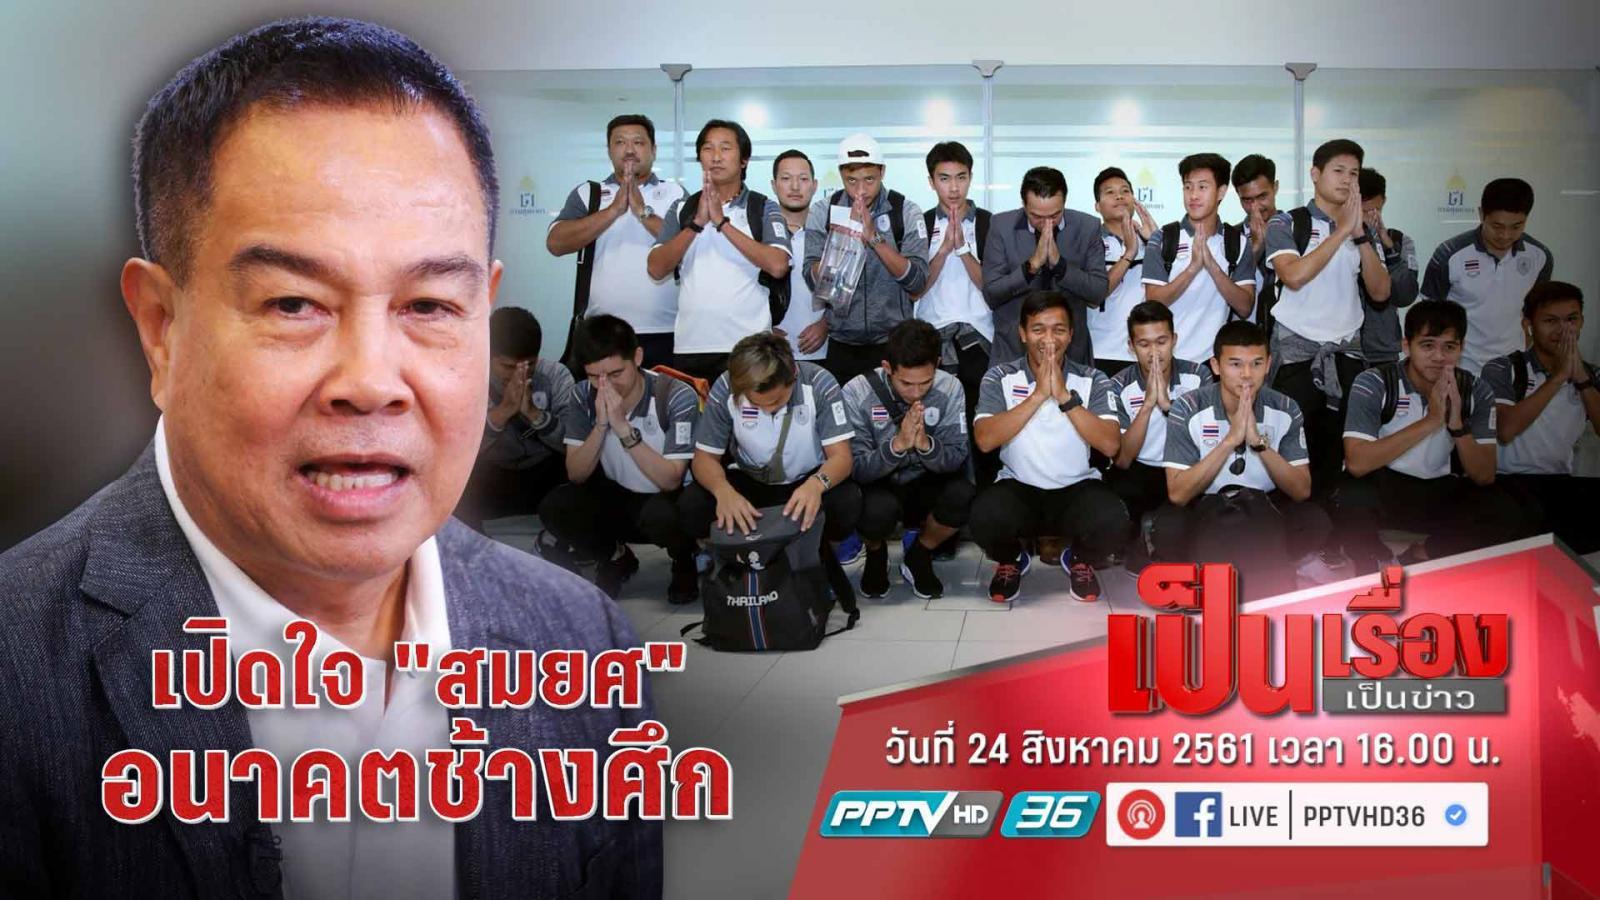 """""""สมยศ"""" ขอโทษแฟนบอลหลัง """"ช้างศึก"""" ร่วงรอบแรก """"เอเชี่ยนเกมส์"""" ลั่นขอเวลา 8 ปี พาไทยไป """"บอลโลก"""""""